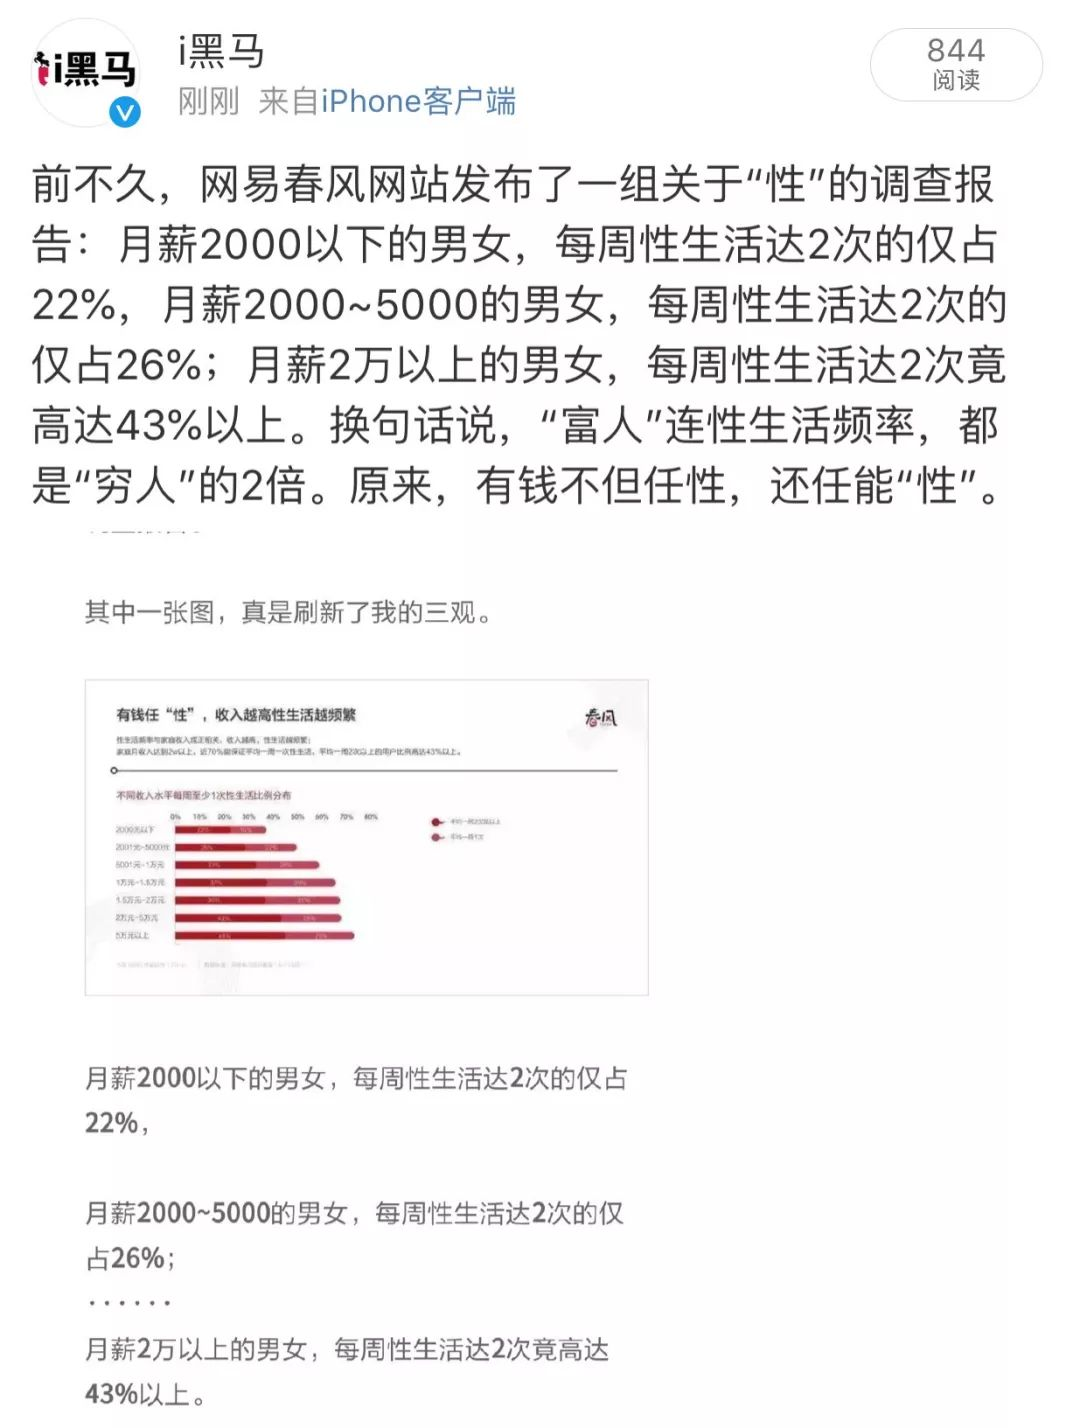 网易市值超百度达335.42亿美元;腾讯员工均匀月薪涨至7.27万元;滴滴回应被下架......